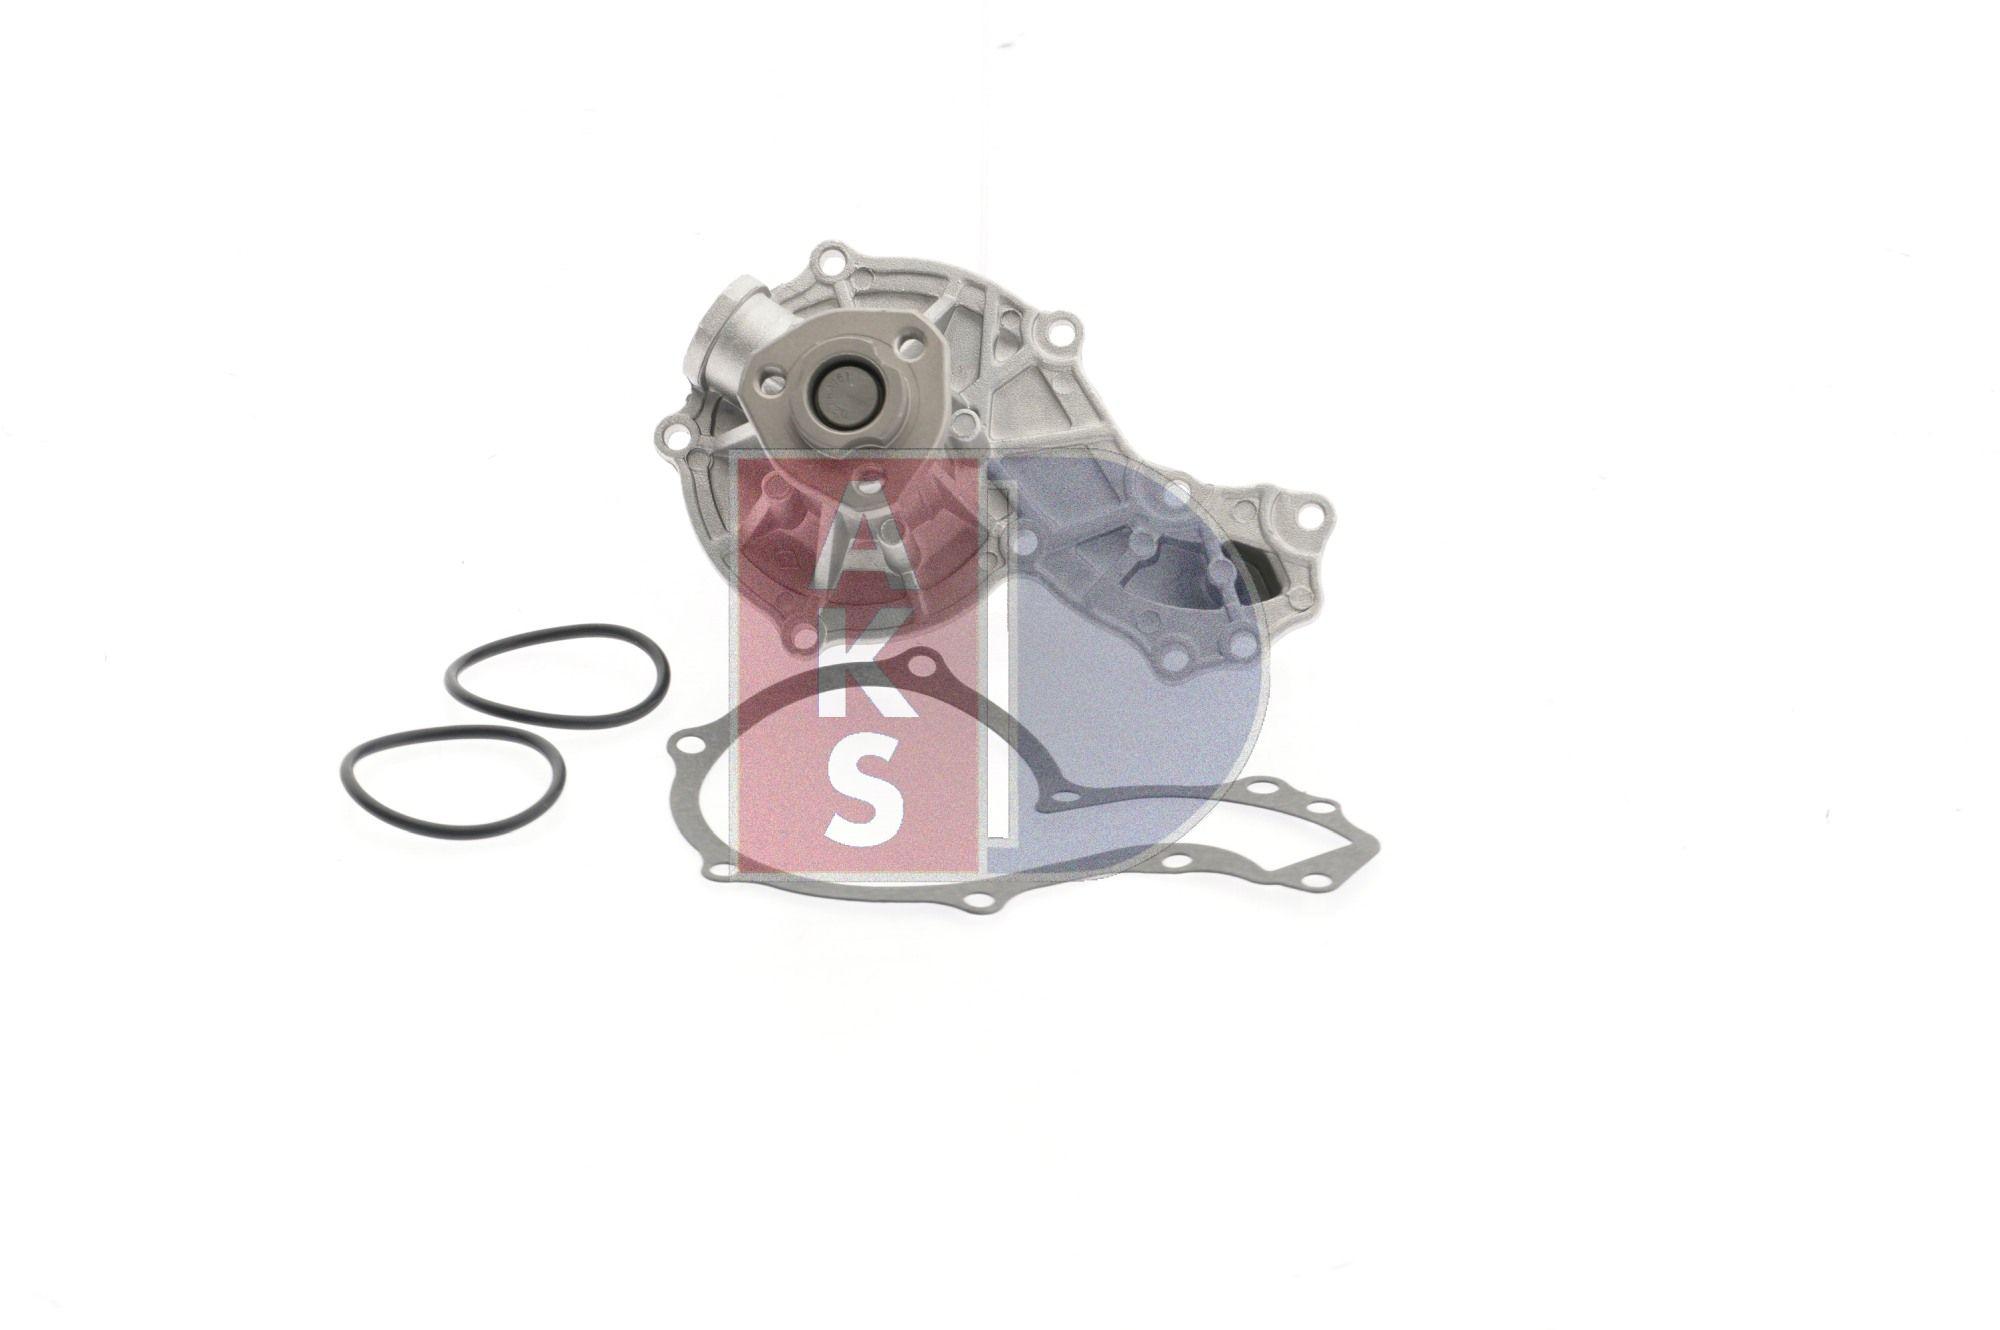 570003N Kühlmittelpumpe AKS DASIS 570003N - Große Auswahl - stark reduziert